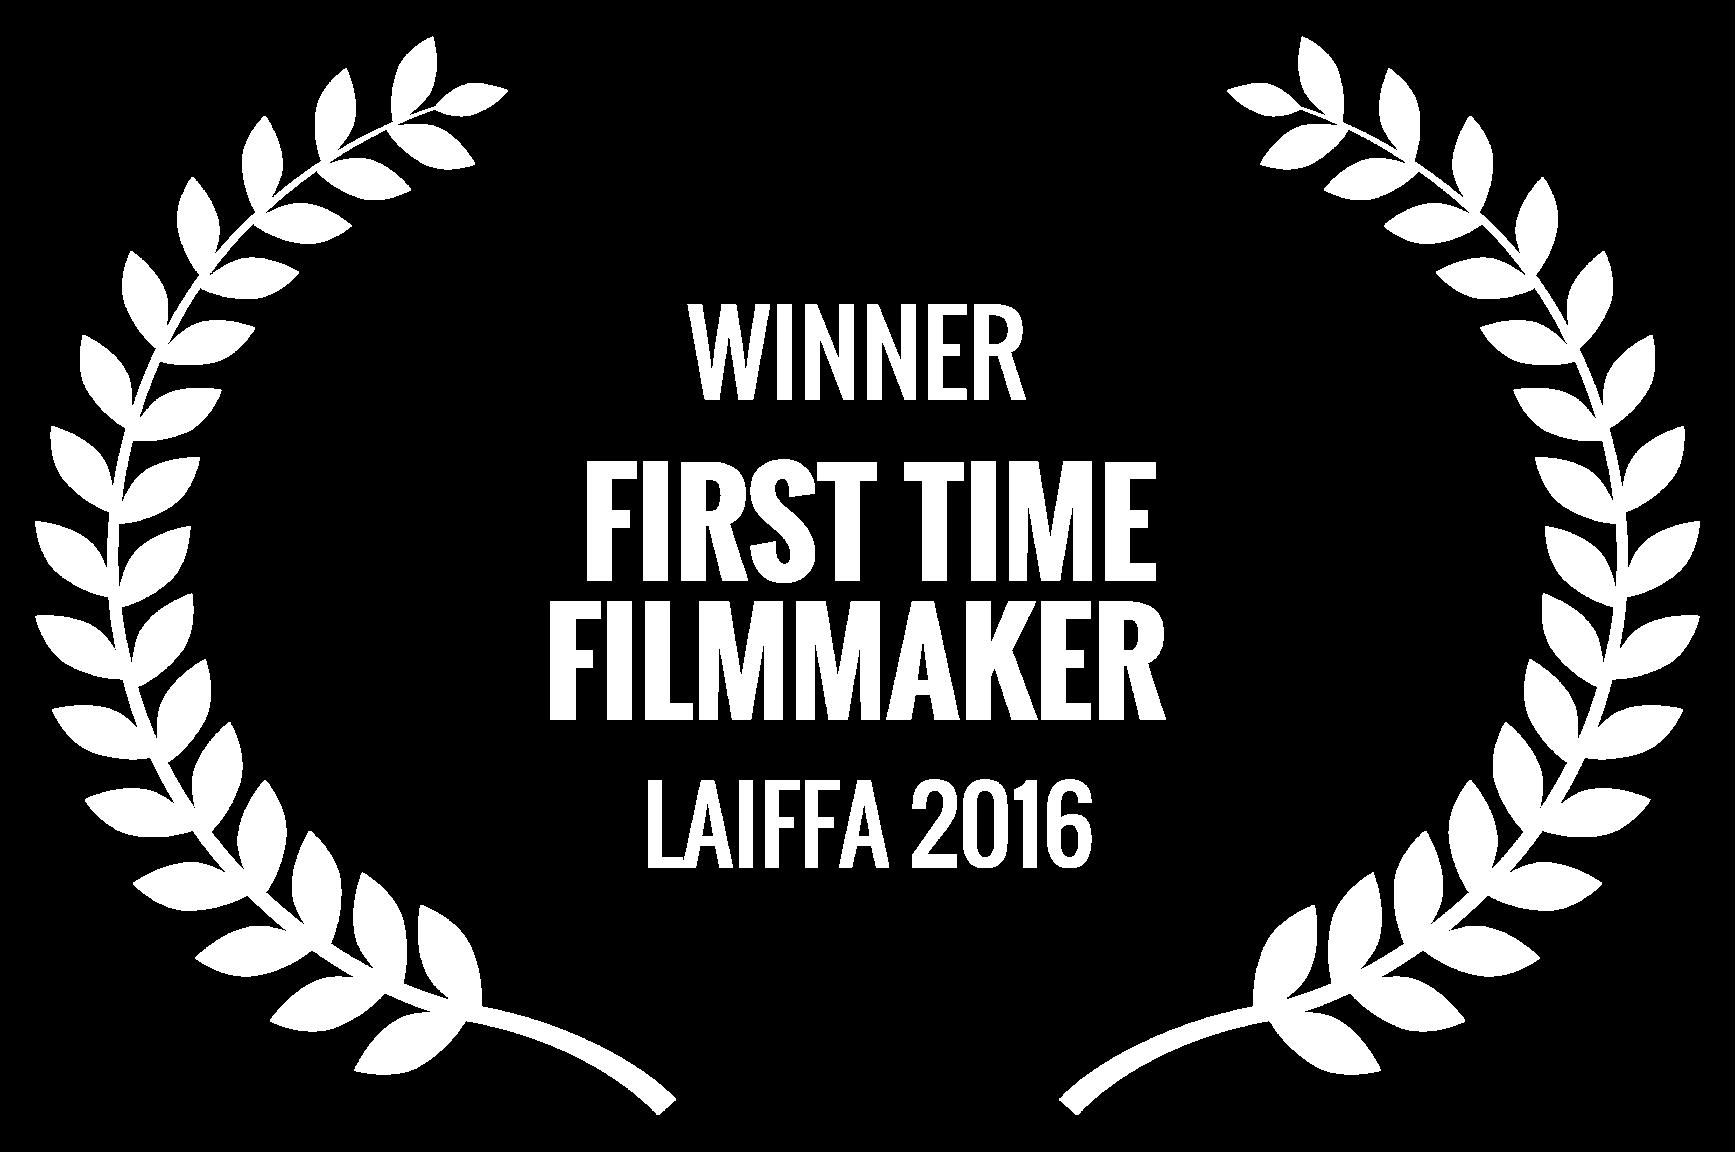 WINNER  - FIRST TIME FILMMAKER  - LAIFFA 2016 (1).png